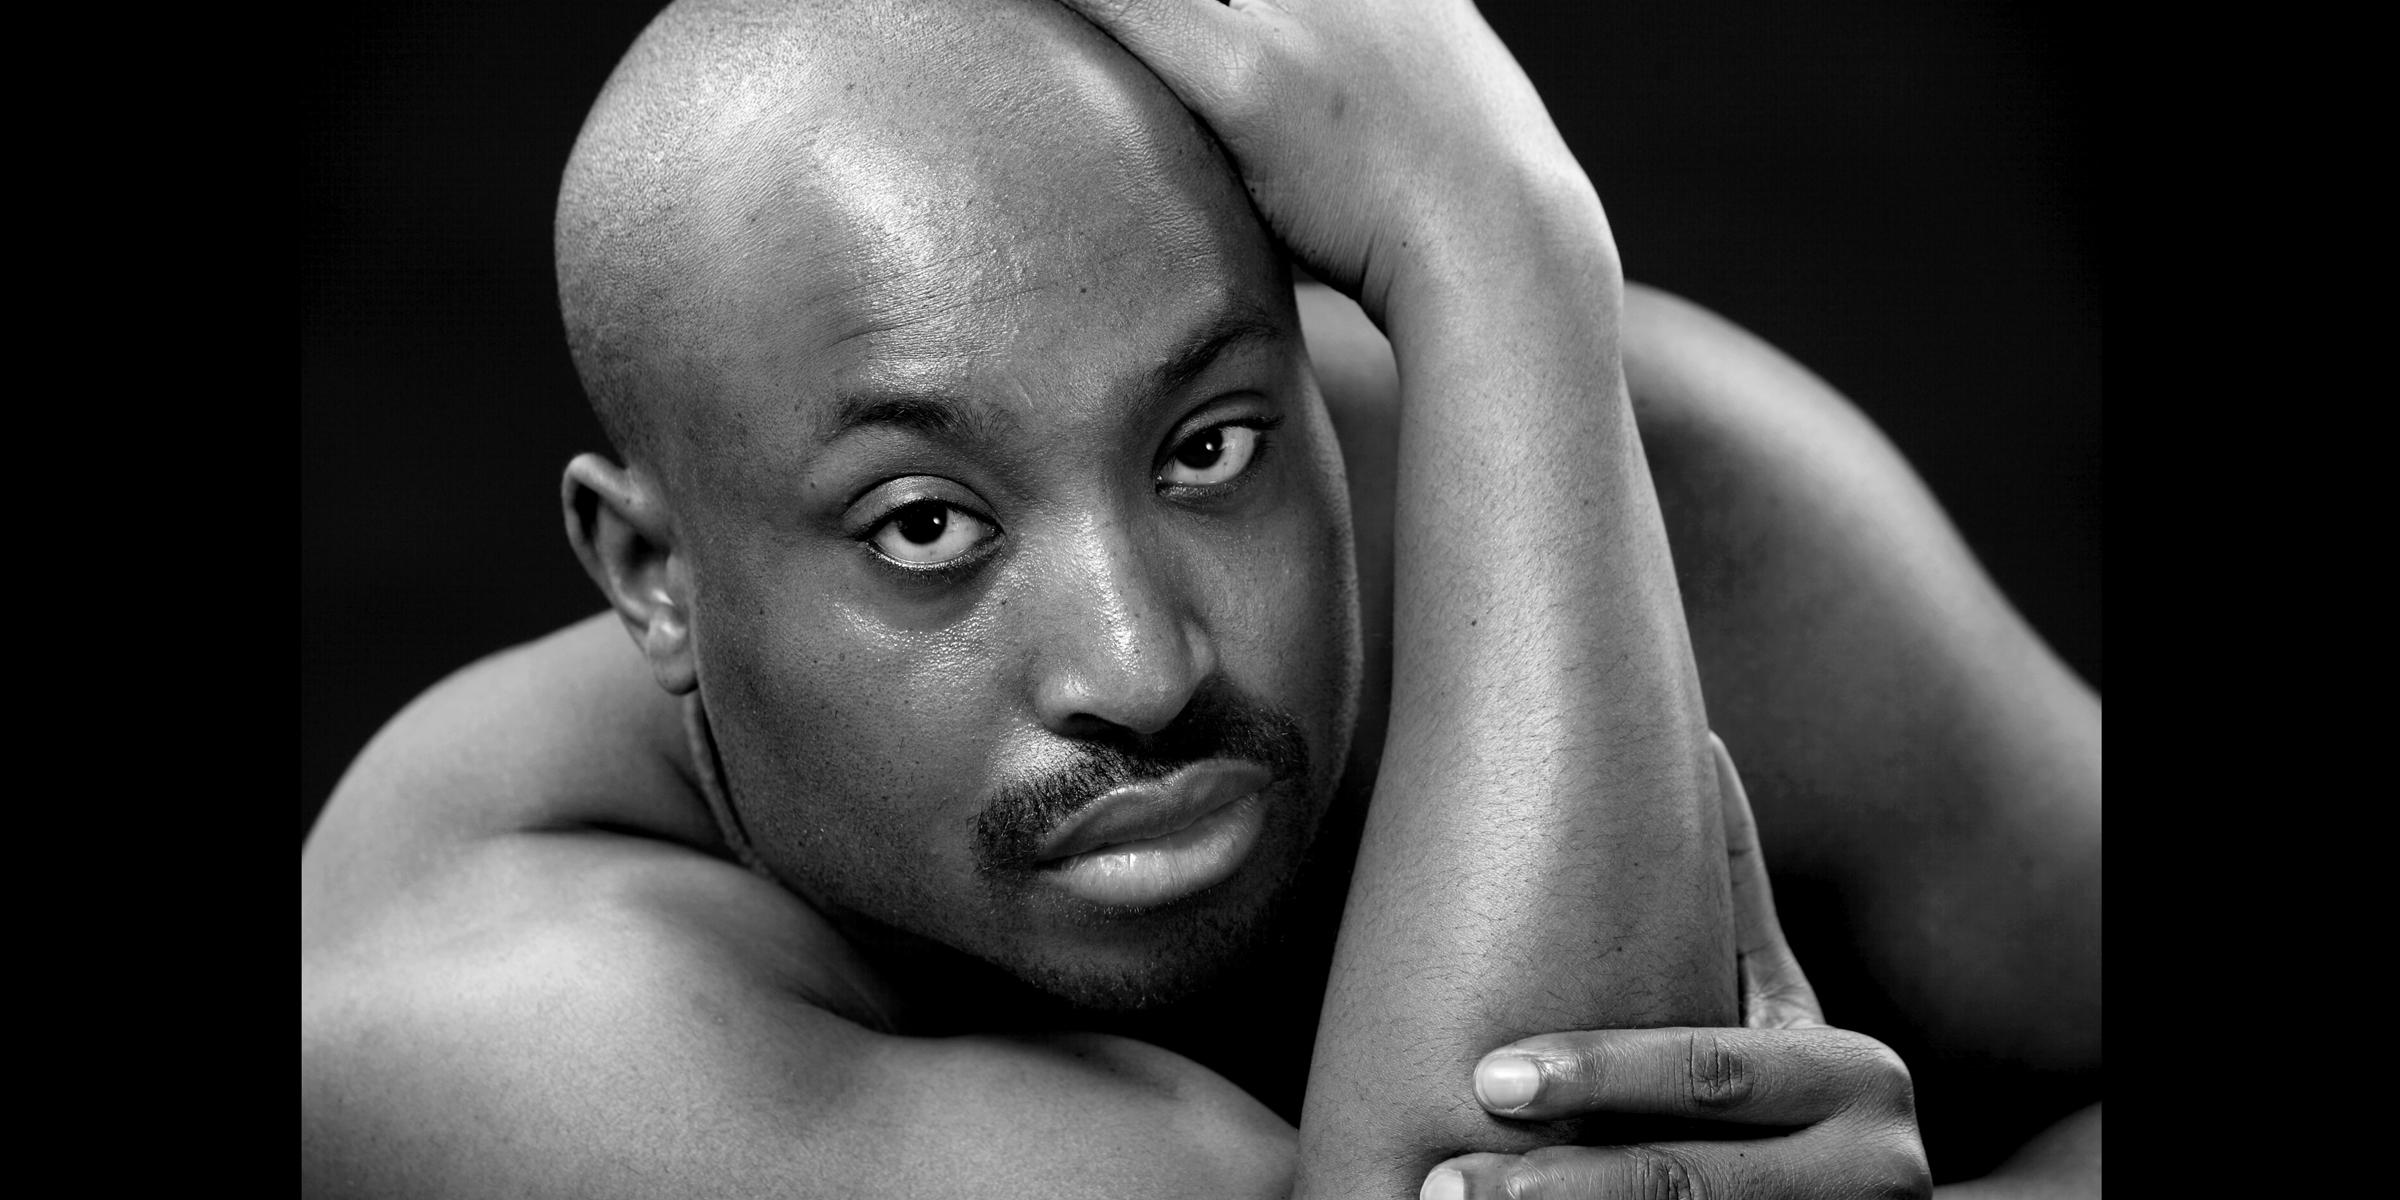 Ein Mann mit nacktem muskulösem Oberkörper und ernstem Blick posiert für schwarz-weiß Portrait.